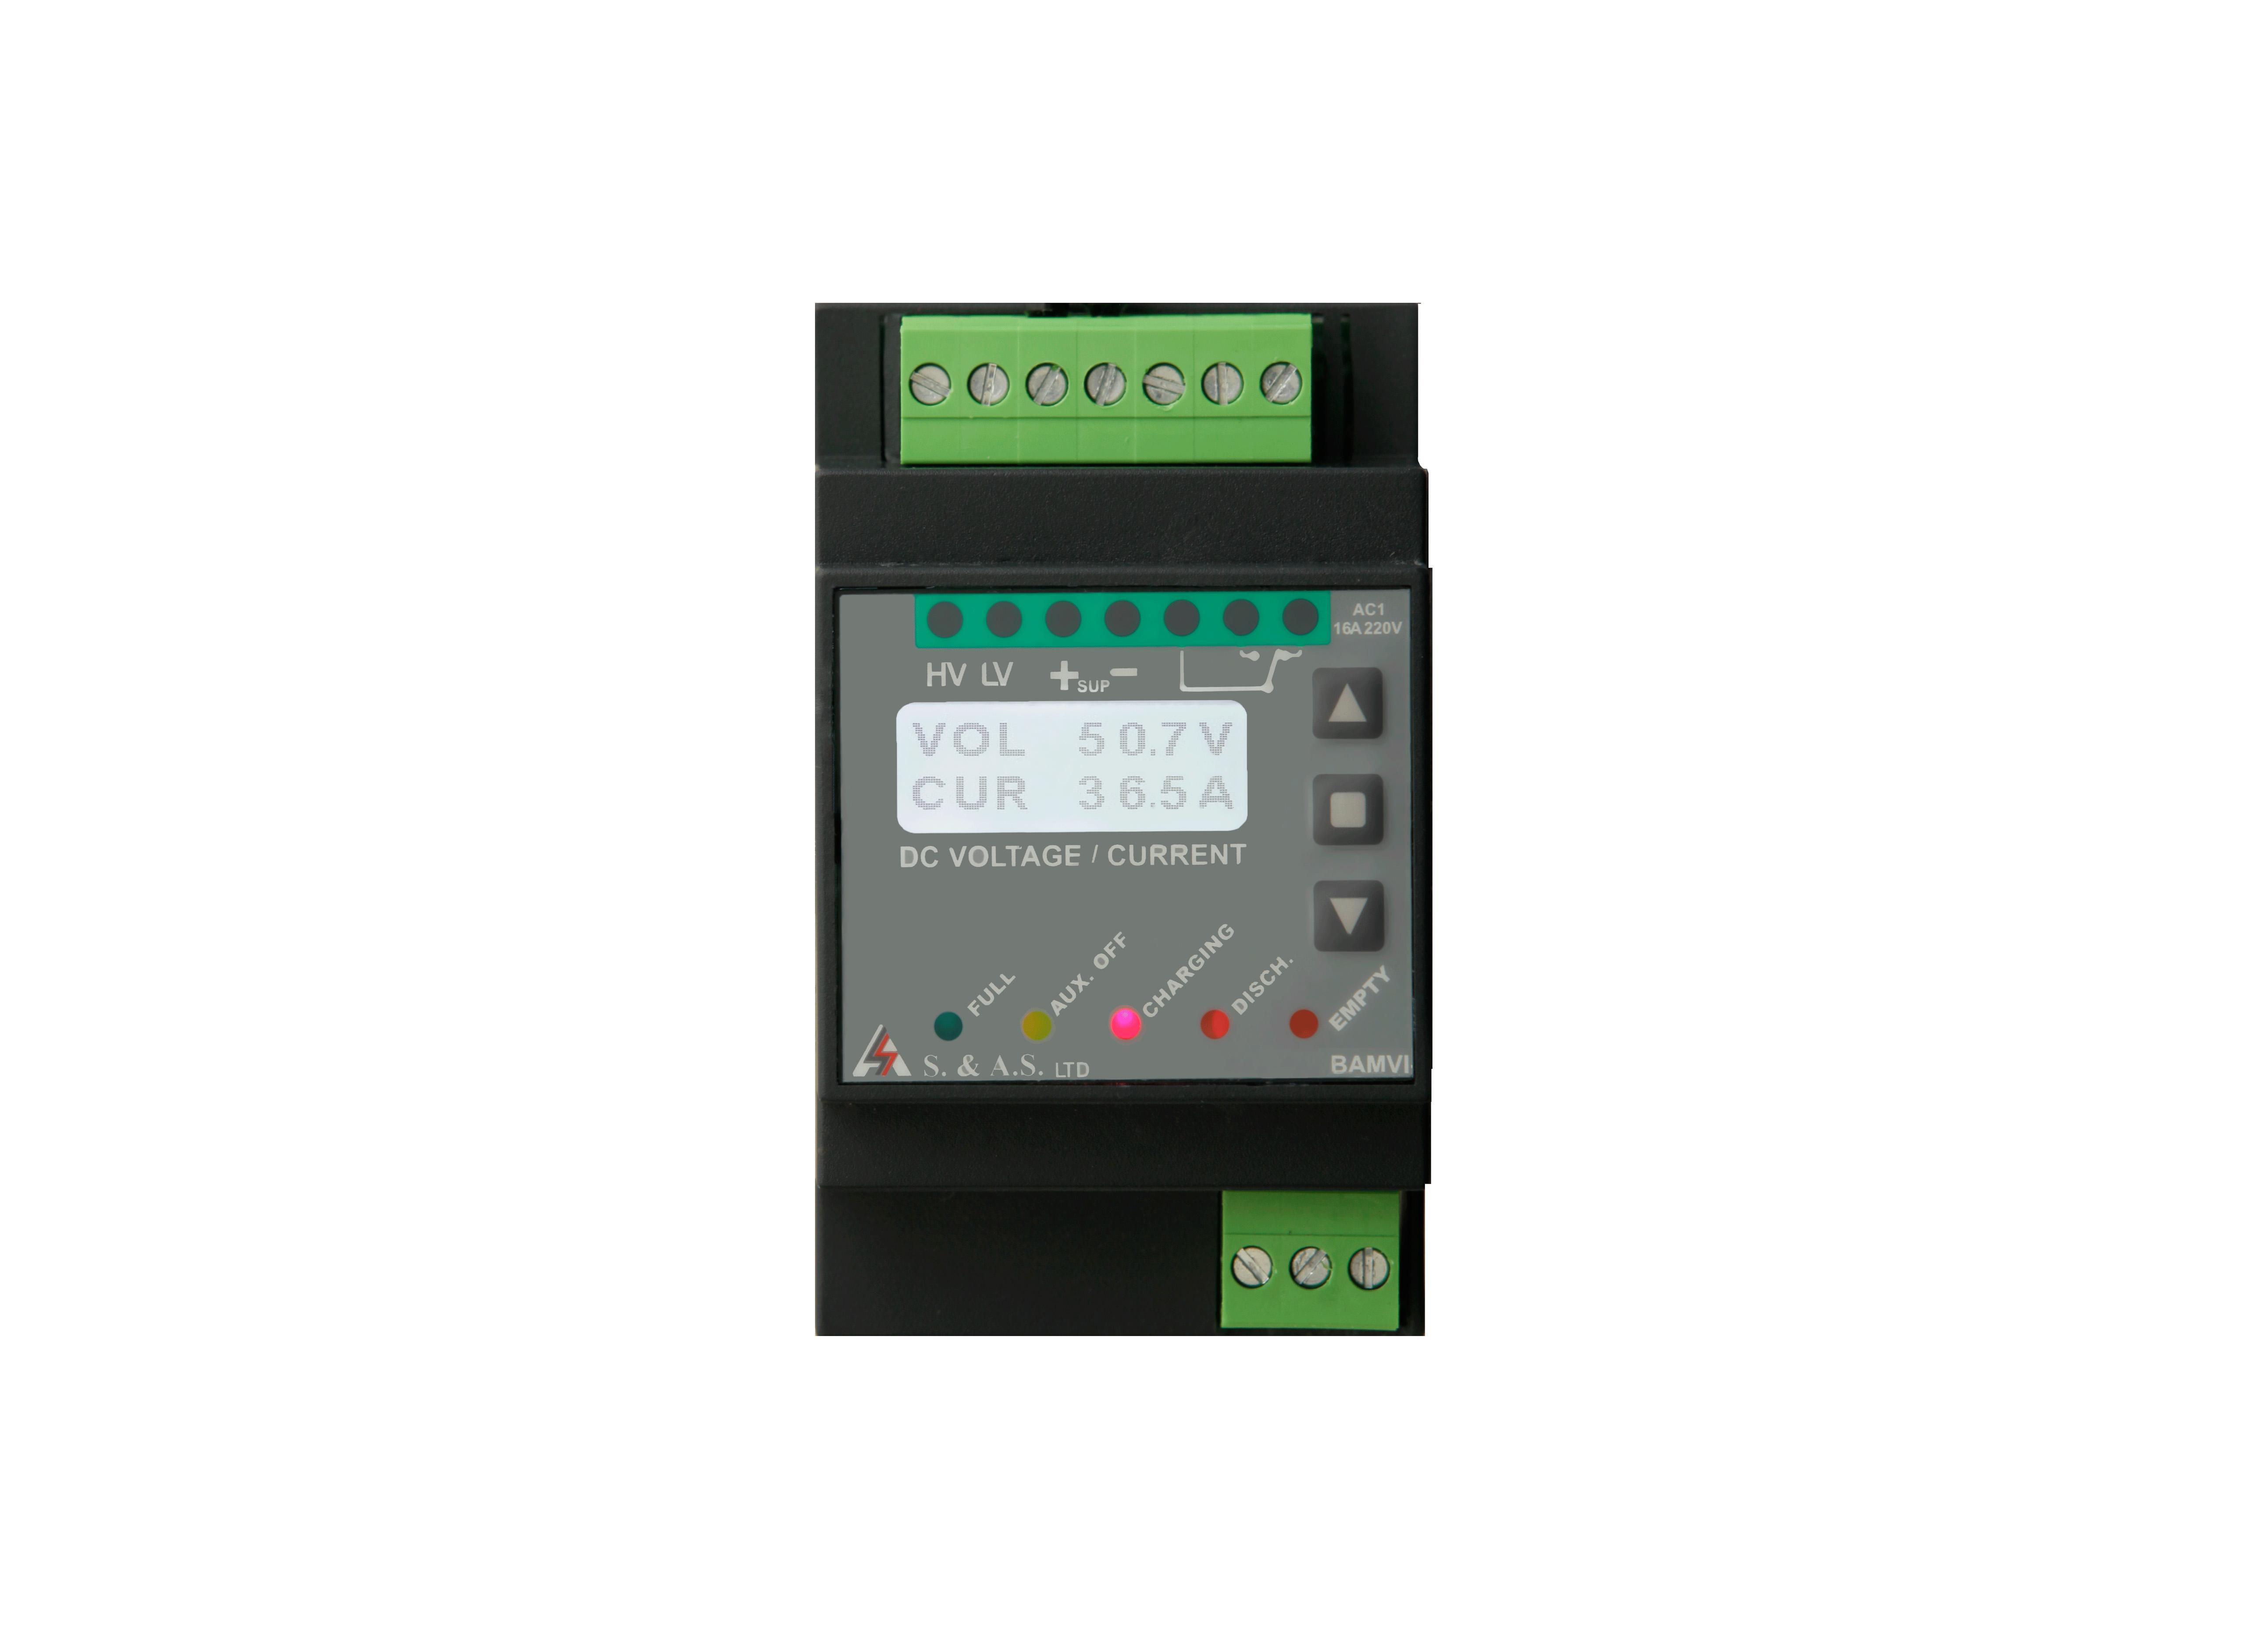 DIGITAL  BATTERY  VOLTAGE  AND  CURRENT  MONITOR</br>BAMVI  V1.1 / STD